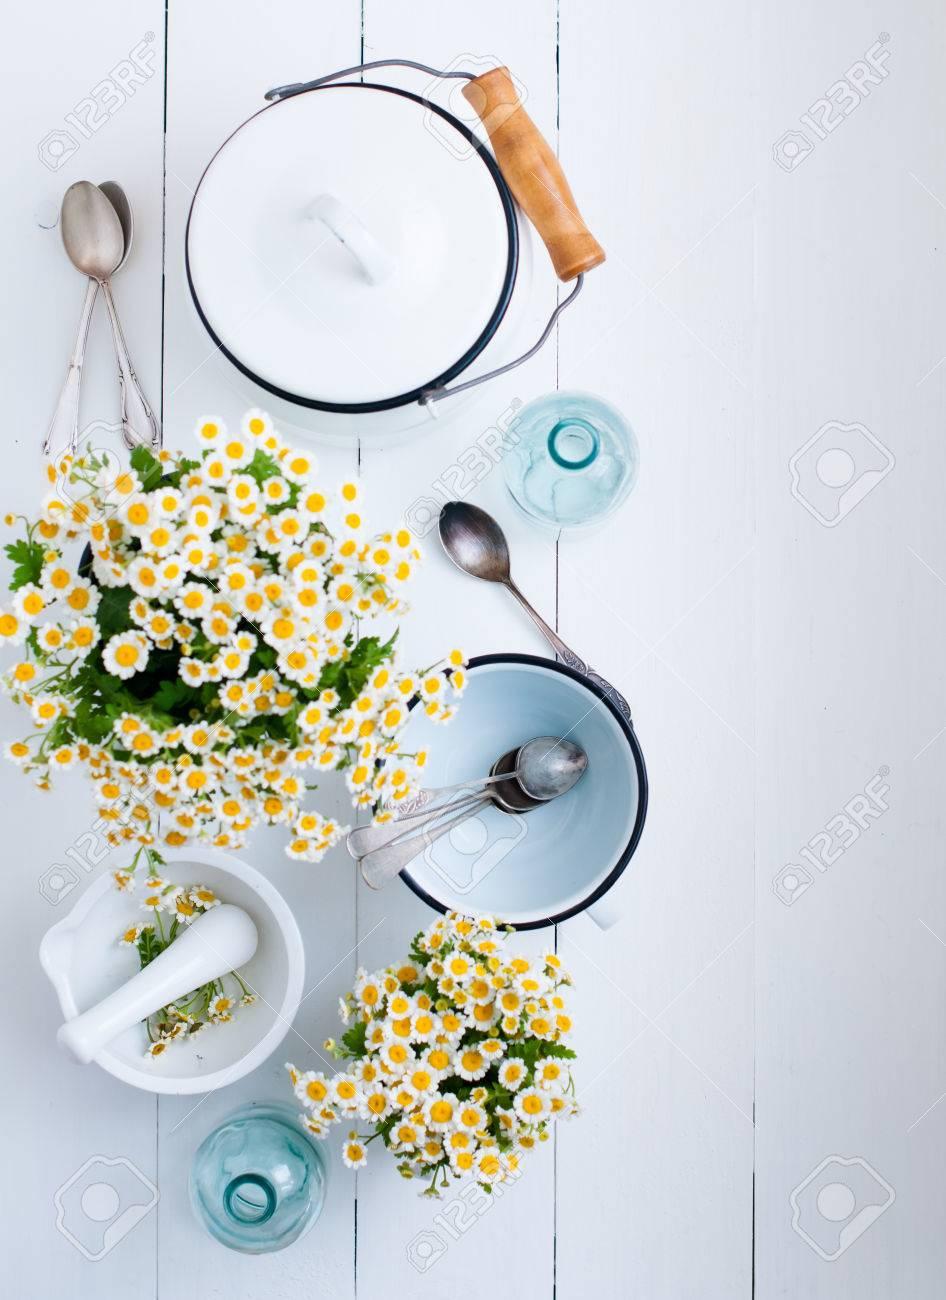 fleurs de camomille laqué blanc ustensiles de cuisine bouteilles en verre des cuillères de cru sur un fo